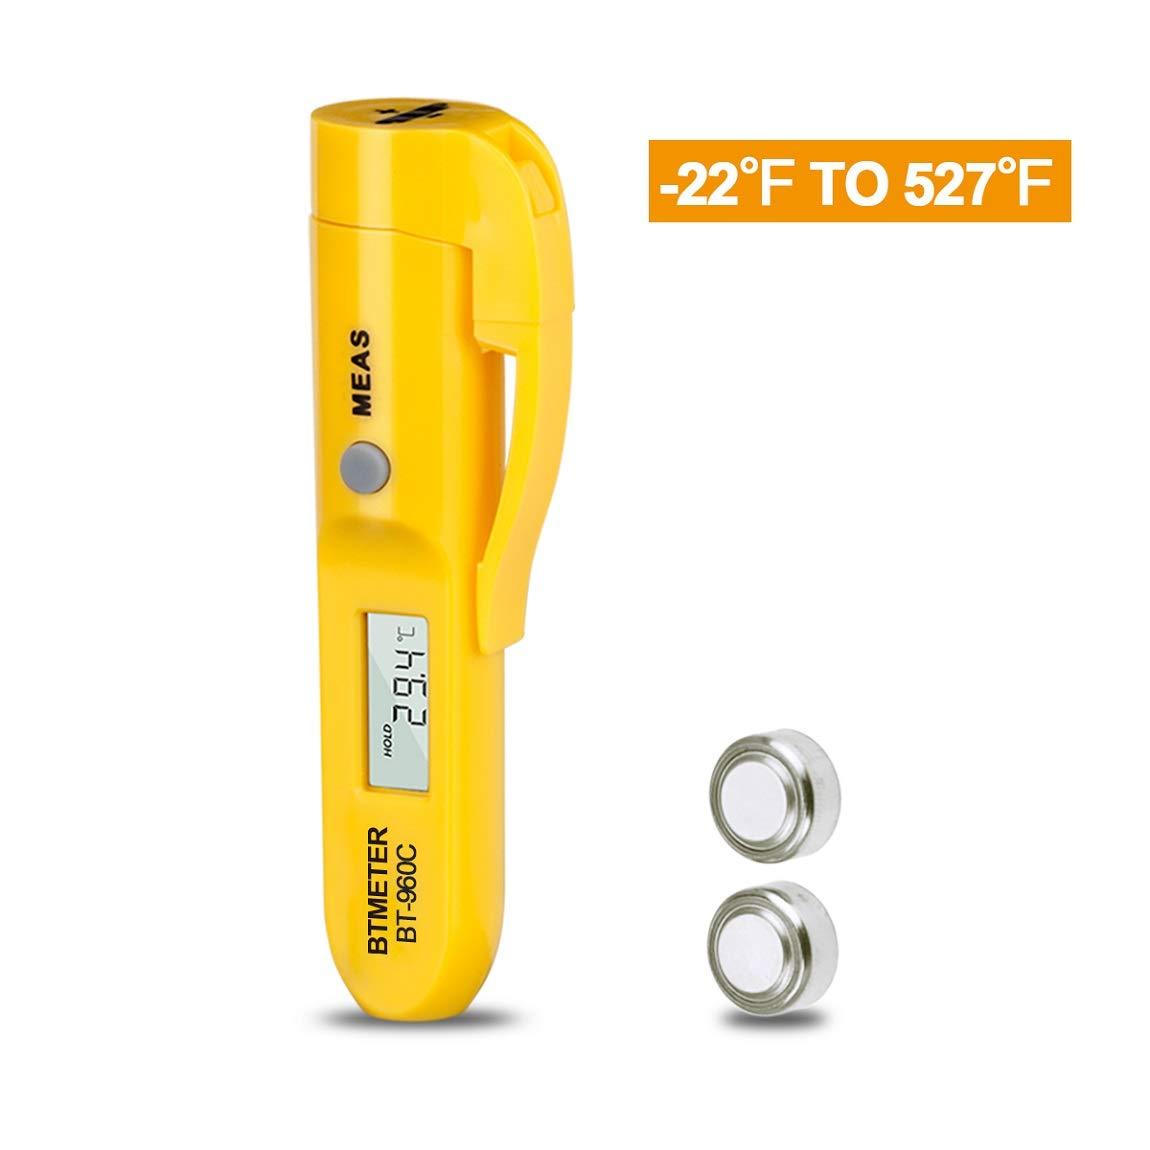 BTMETER BT-960C Digitales Infrarot-Thermometer mit Clip Mini-Temperaturstift für Kochen Küche